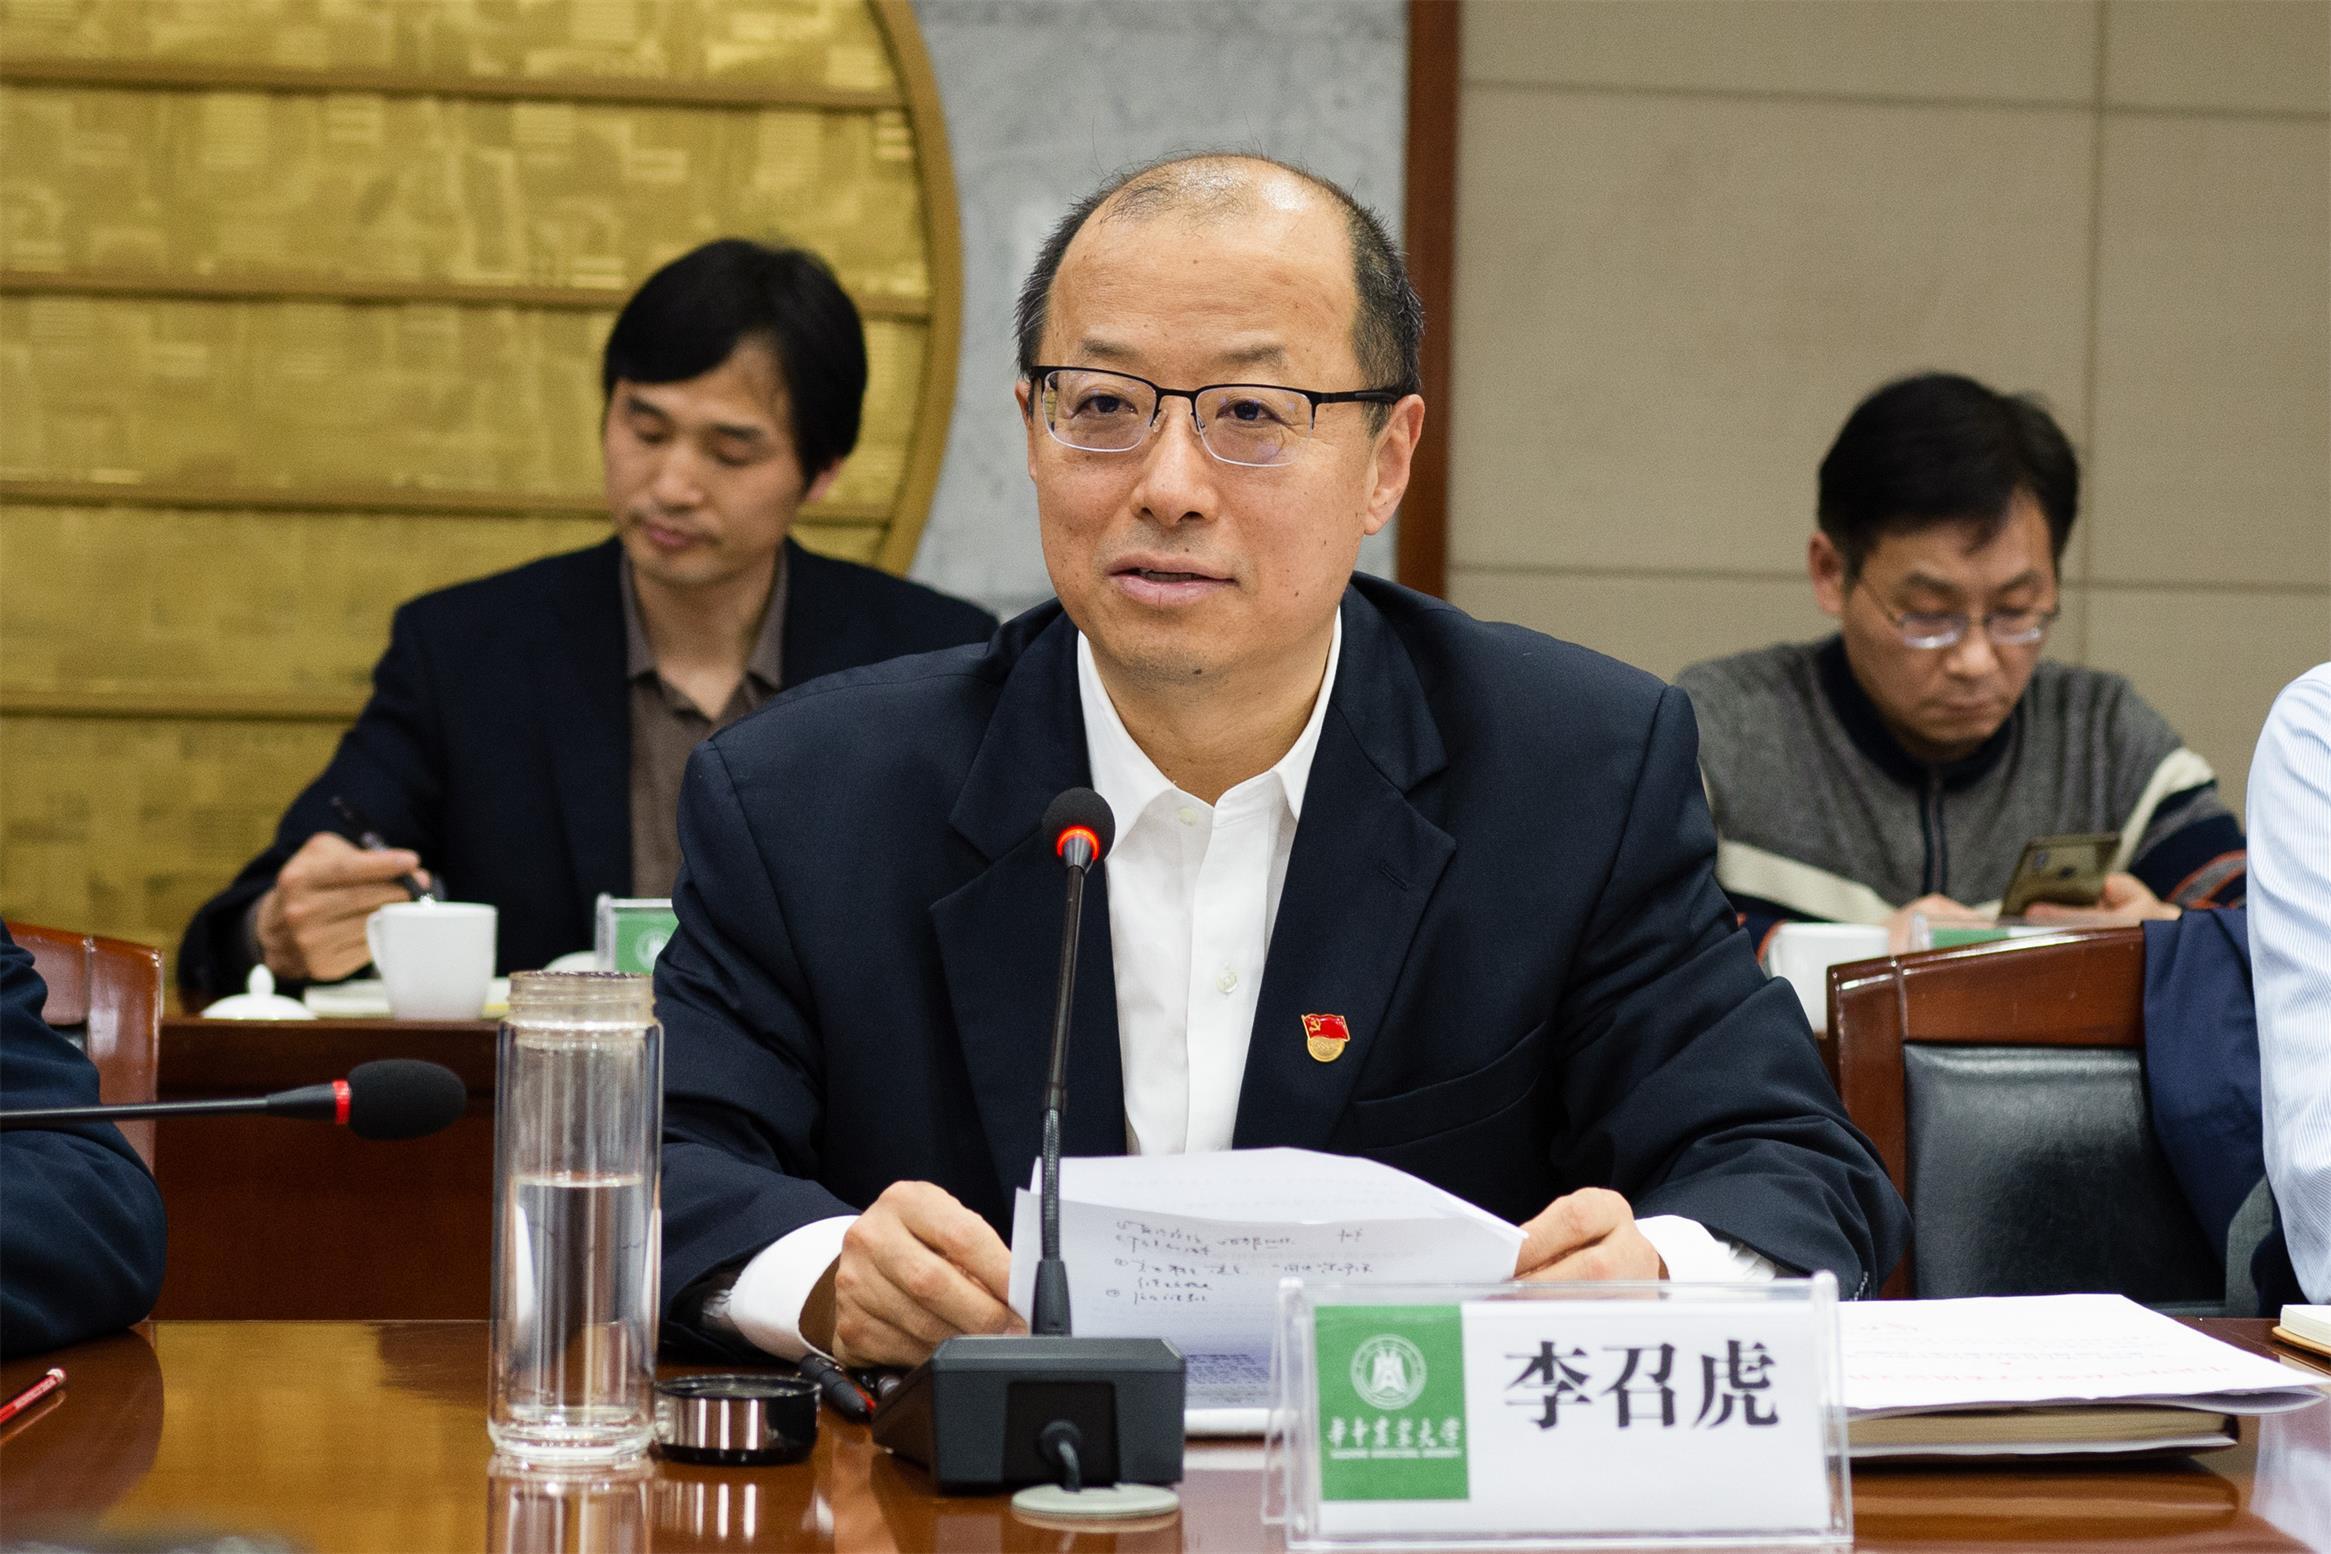 校长李召虎主持会议(记者 彭雨格 摄)